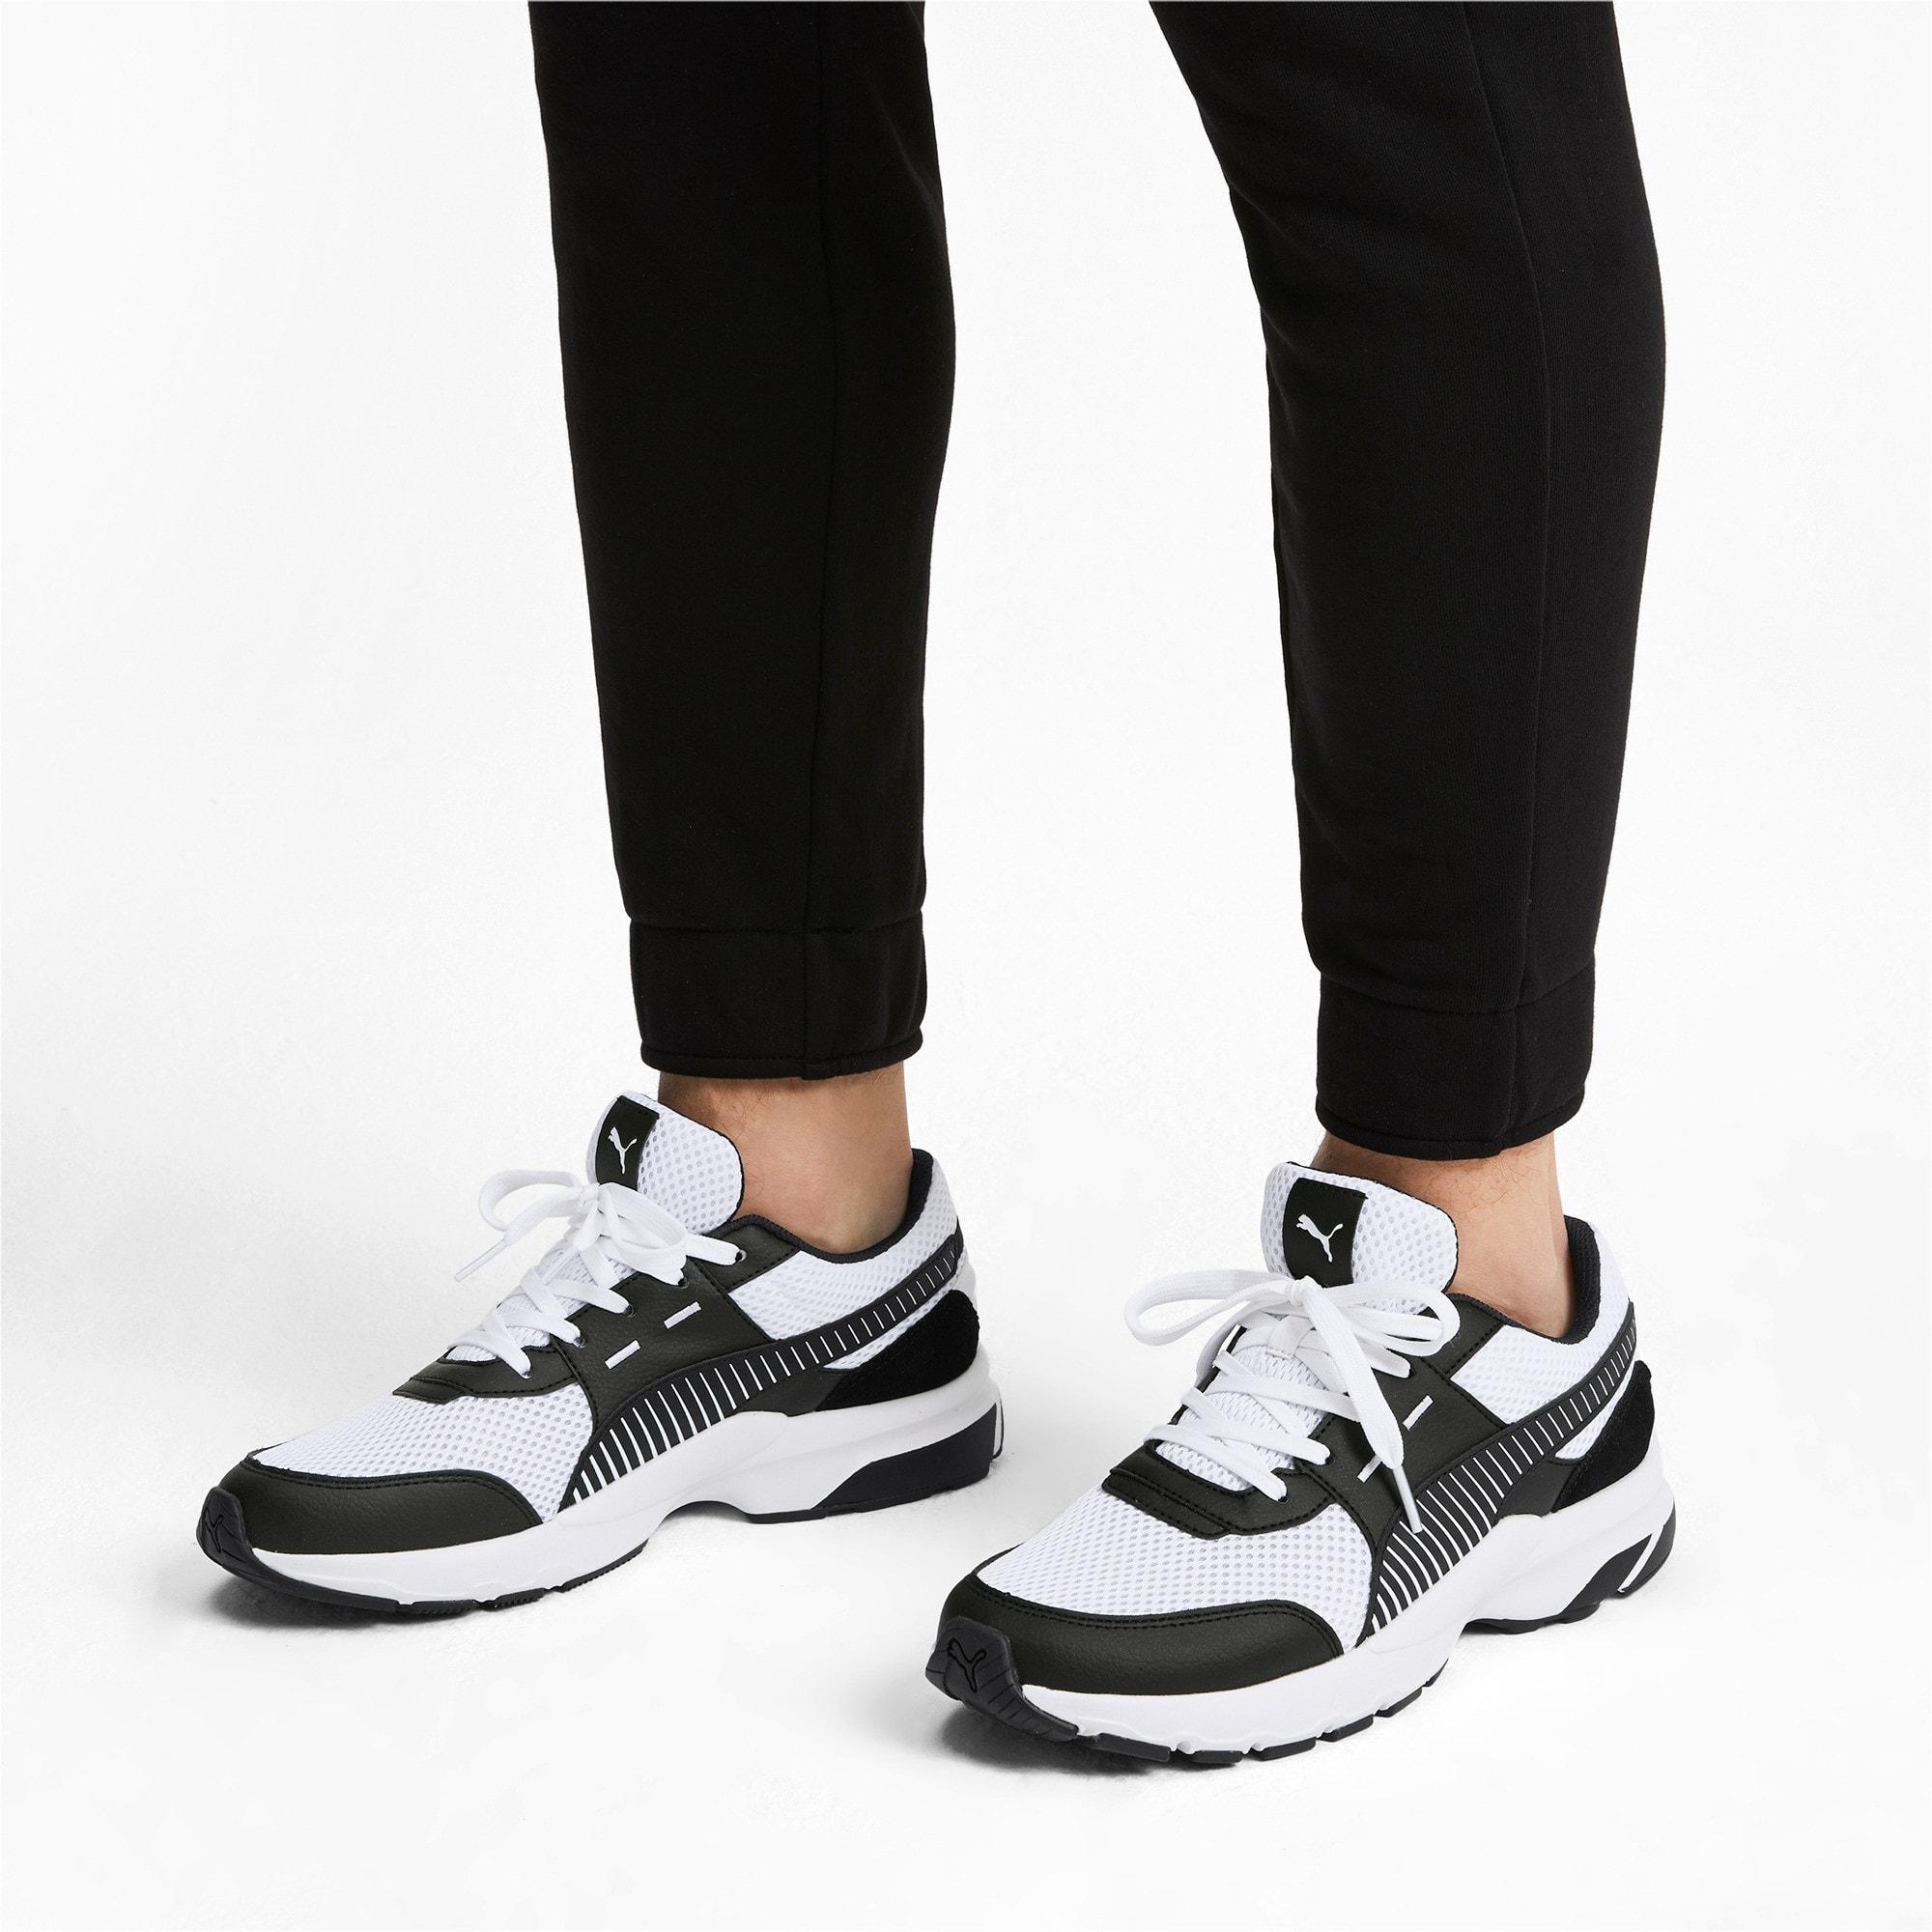 Thumbnail 3 of Future Runner Premium Running Shoes, Puma White-Puma Black, medium-IND